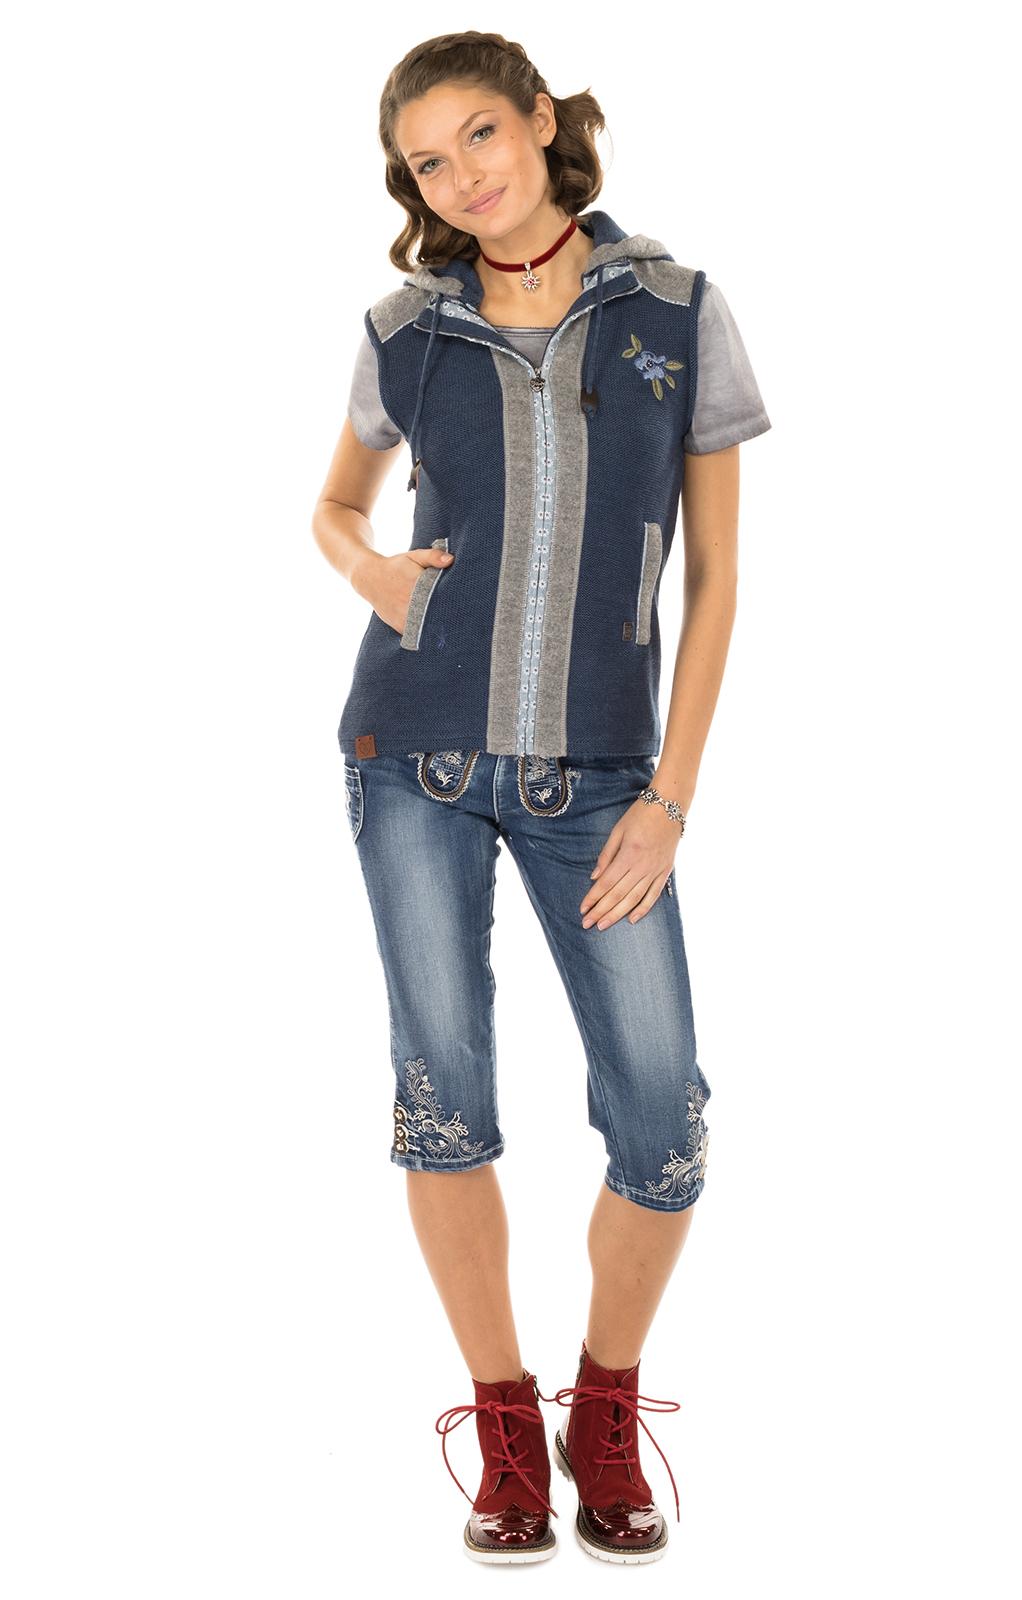 weitere Bilder von Gilet Costume Grain jeansblau